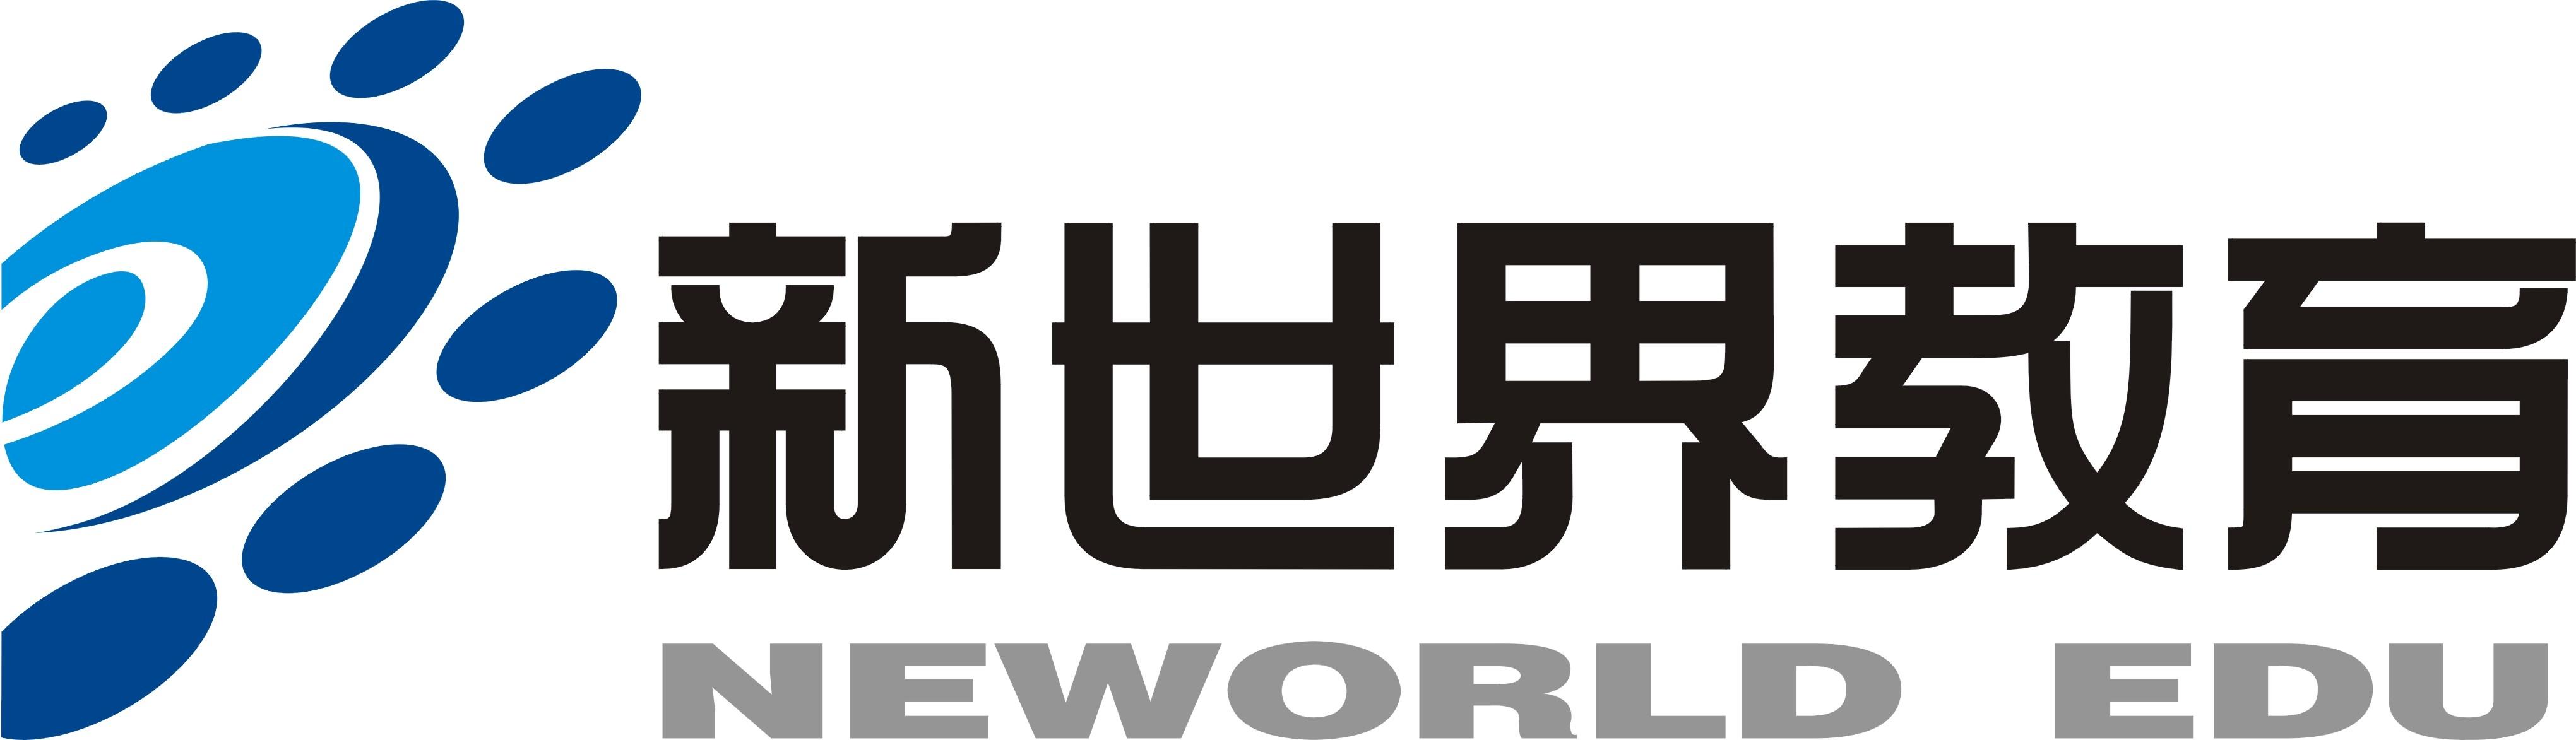 溫州新世界2013暑期外語開班一覽表